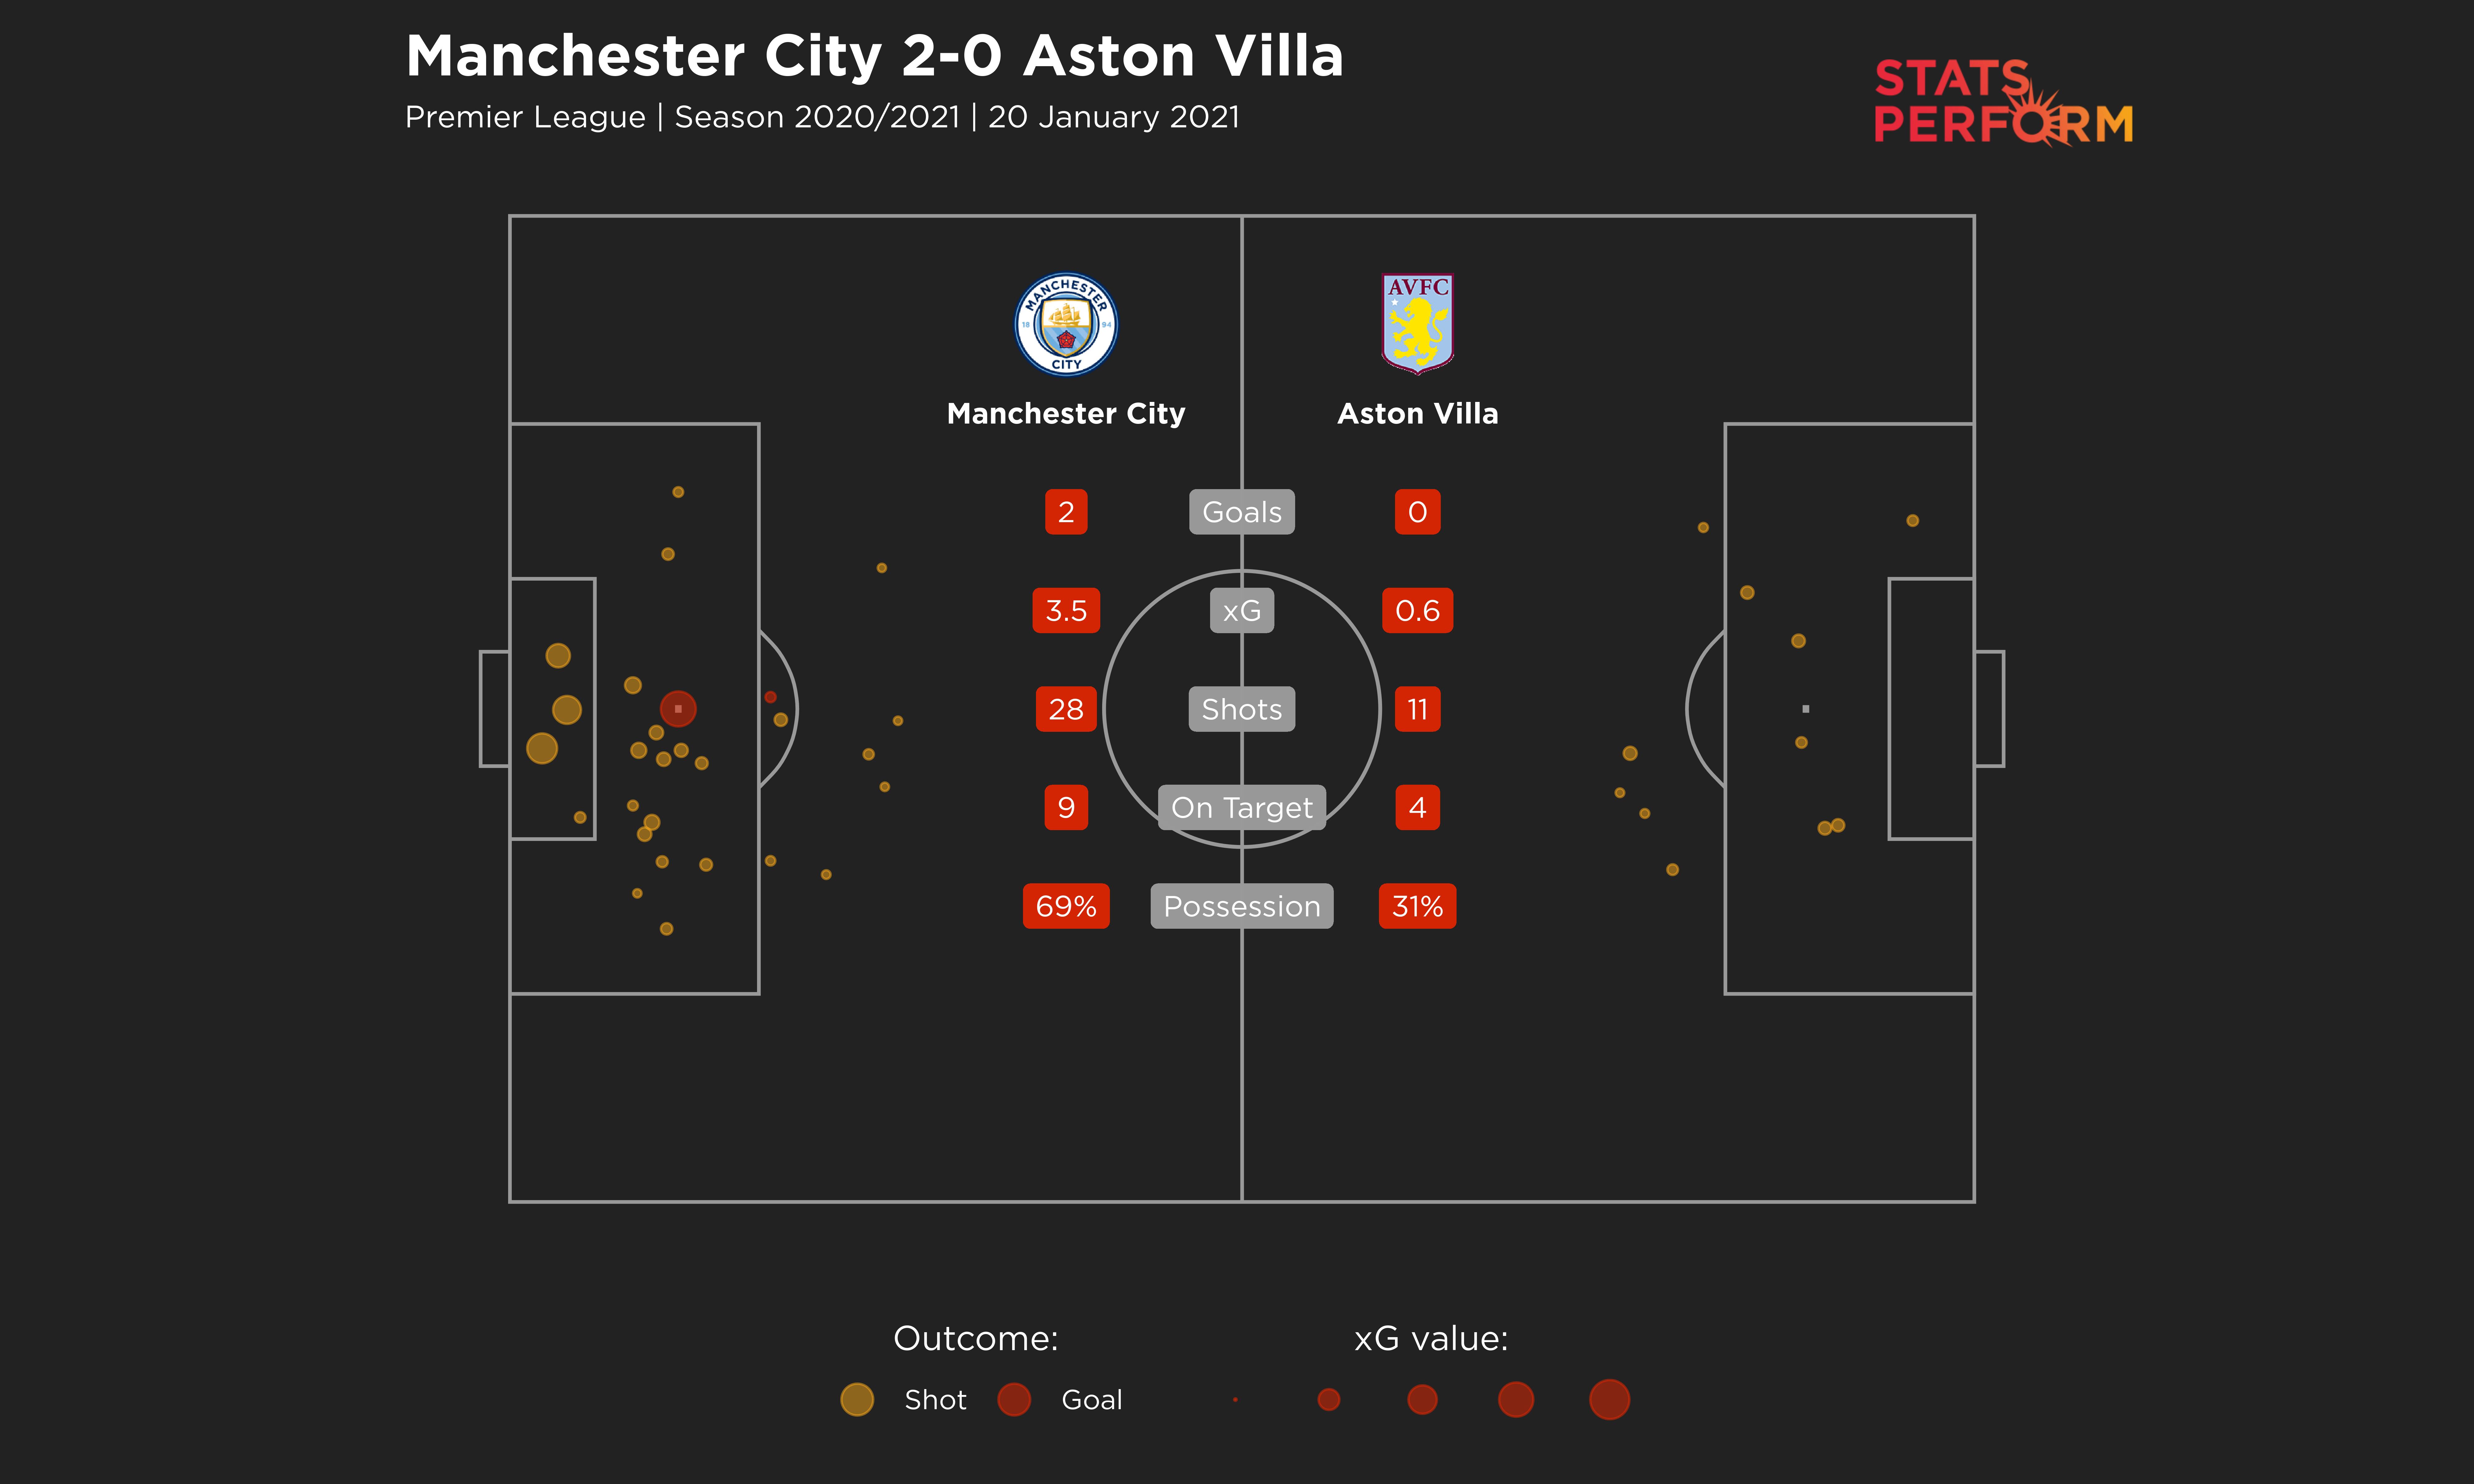 Man City 2-0 Aston Villa